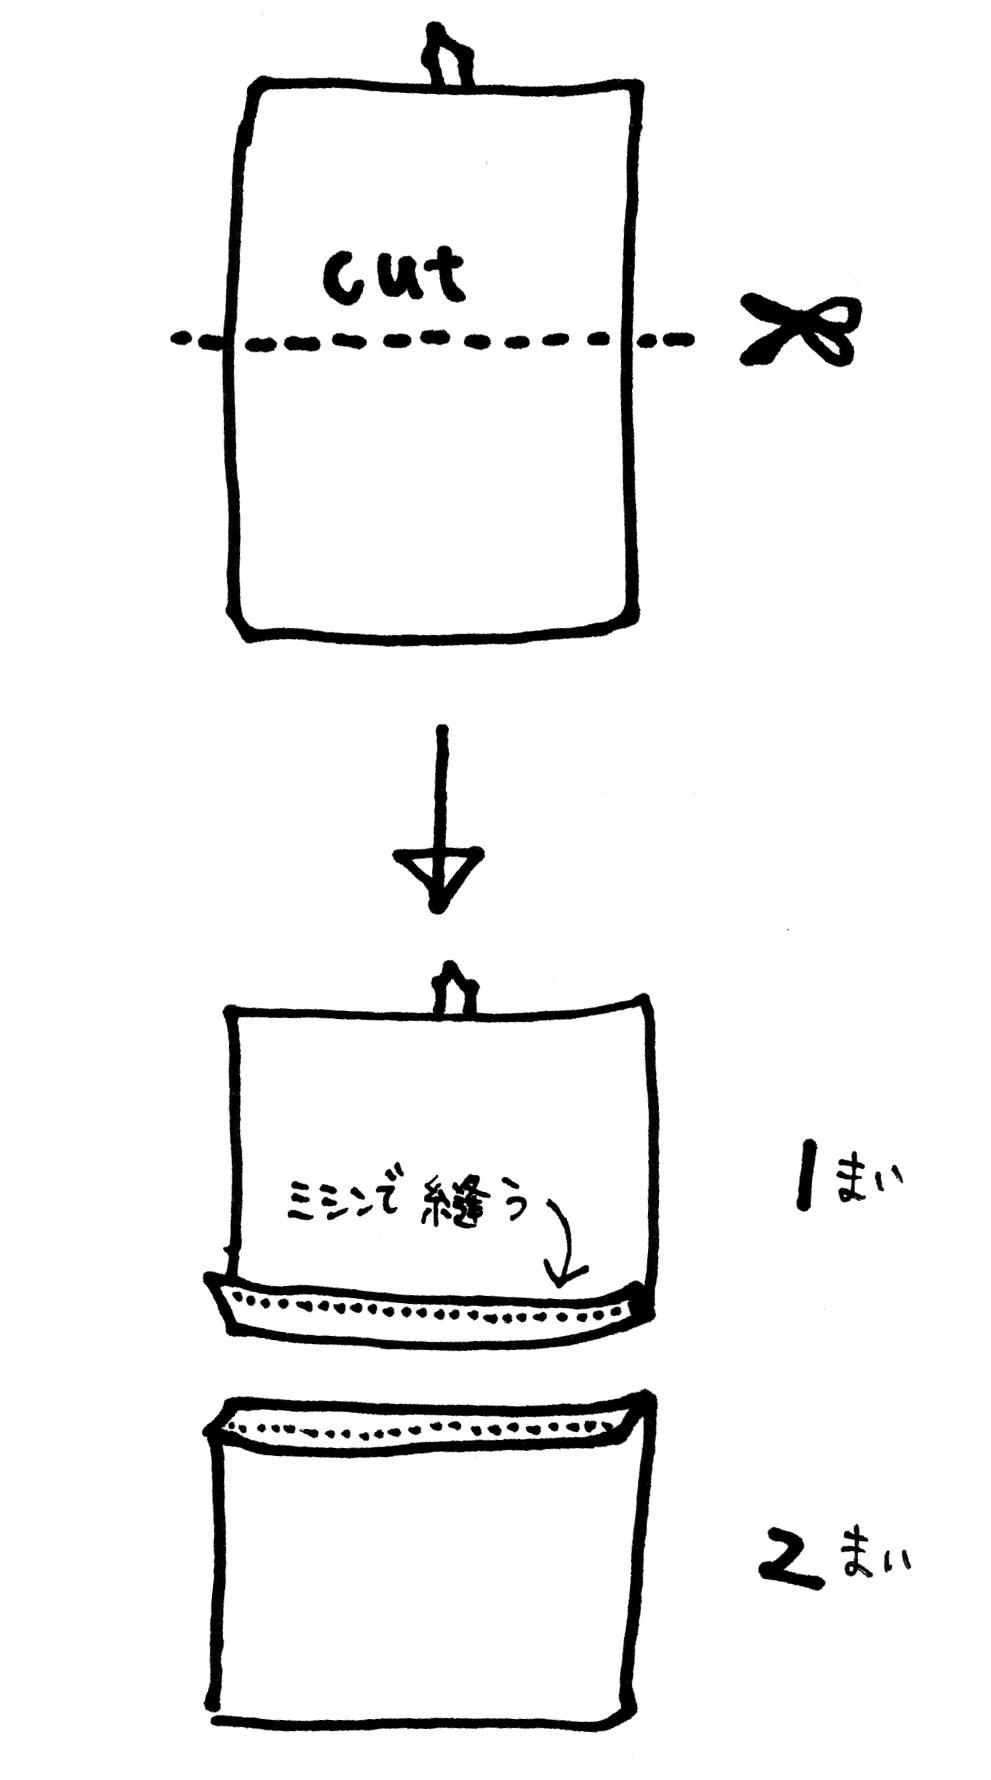 b9567f03.jpg